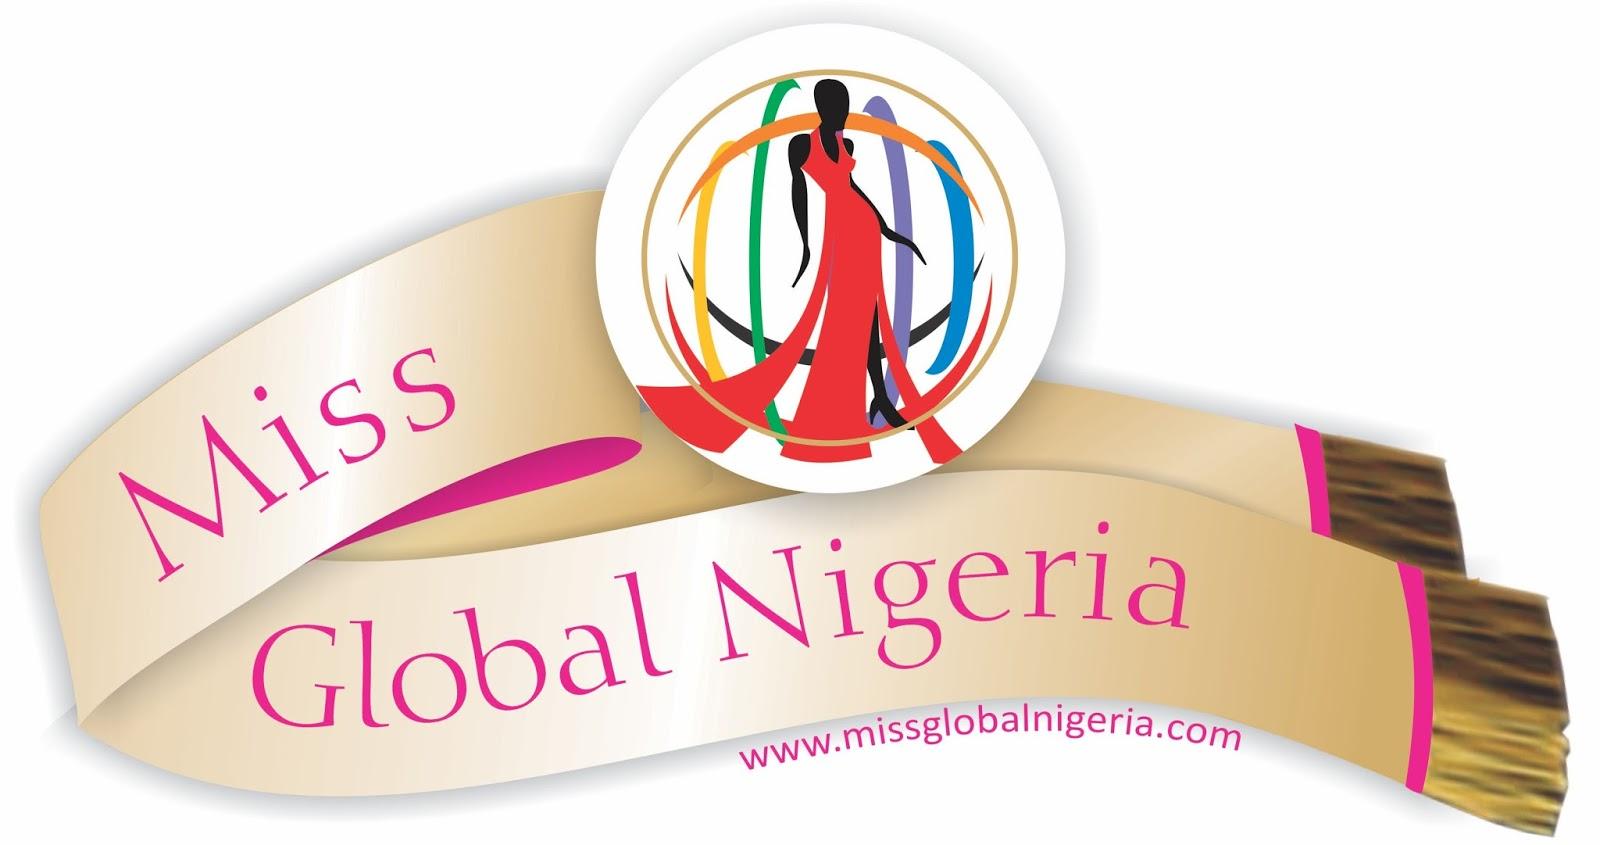 Organized crime in Nigeria